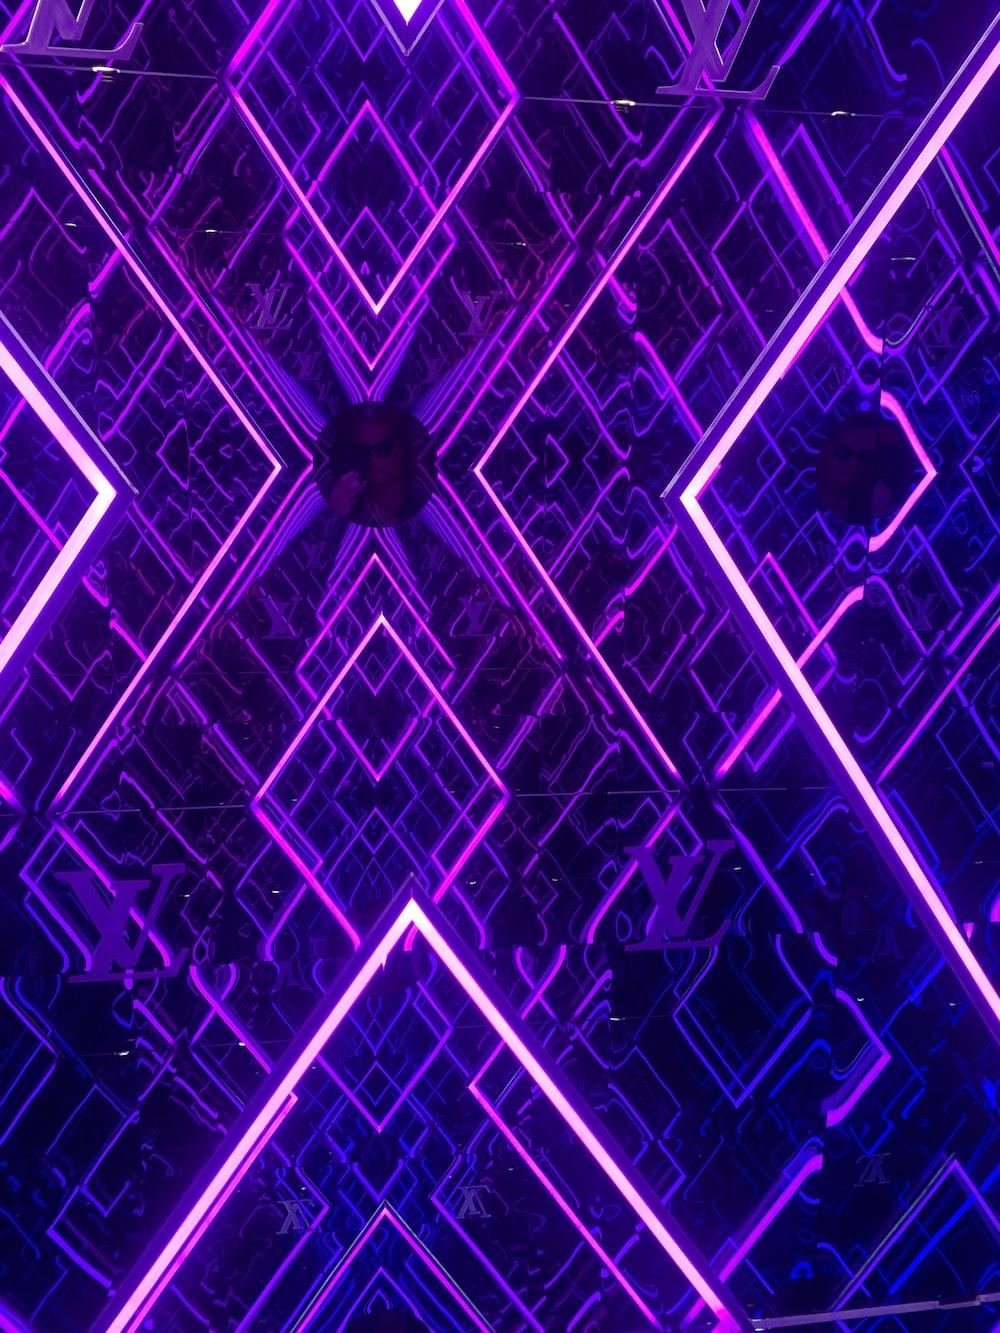 turned on purple neon lights